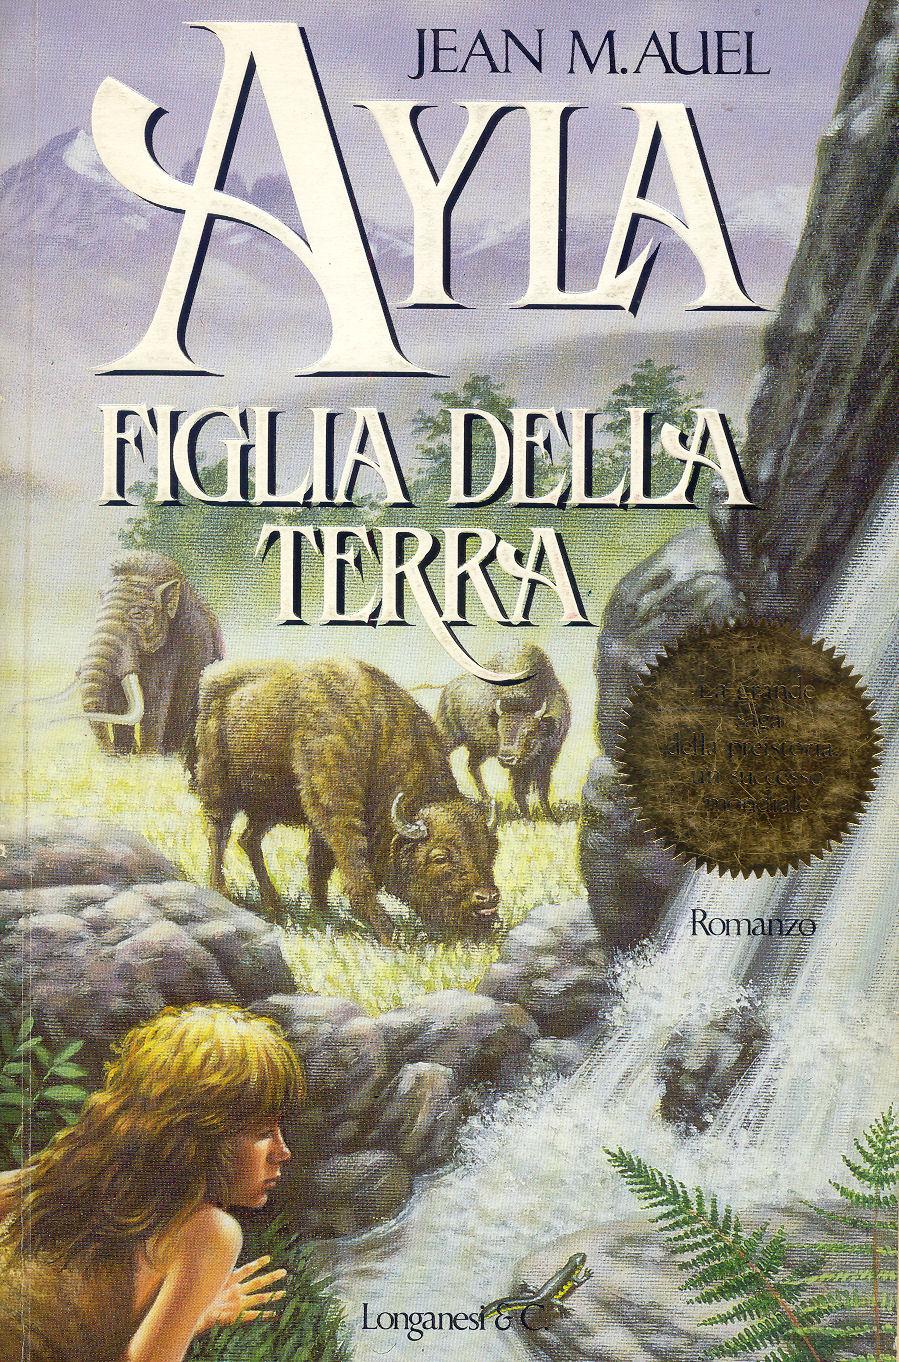 Ayla, figlia della terra